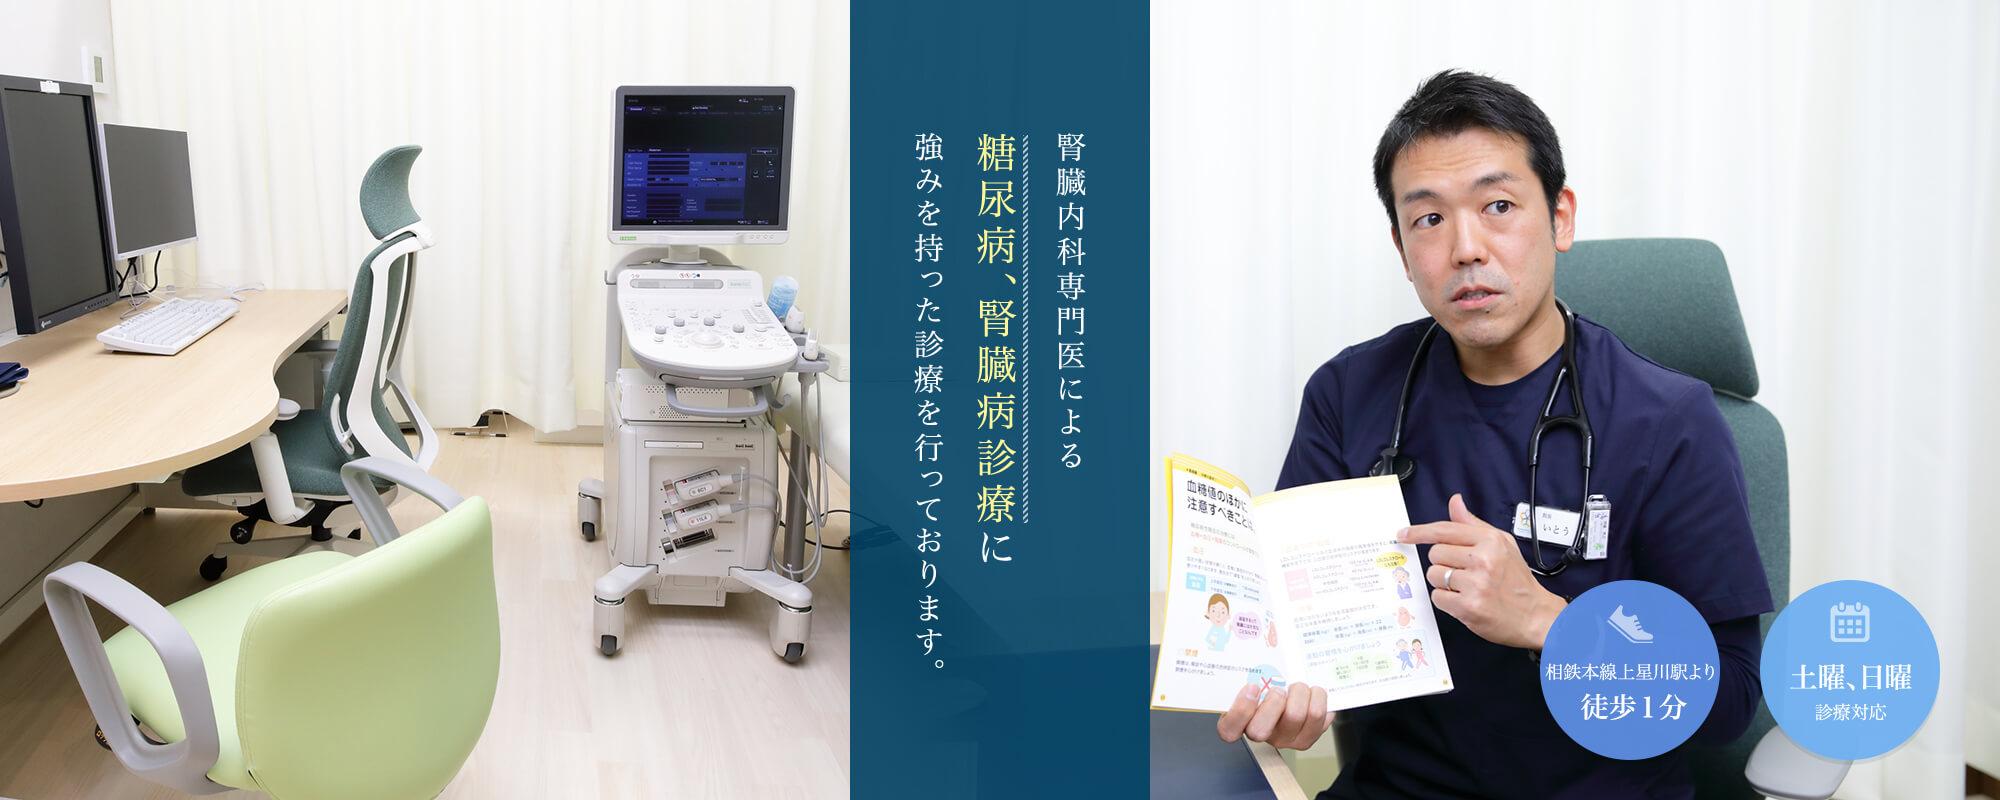 腎臓内科専門医による糖尿病、腎臓病診療に強みを持った診療を行っております。